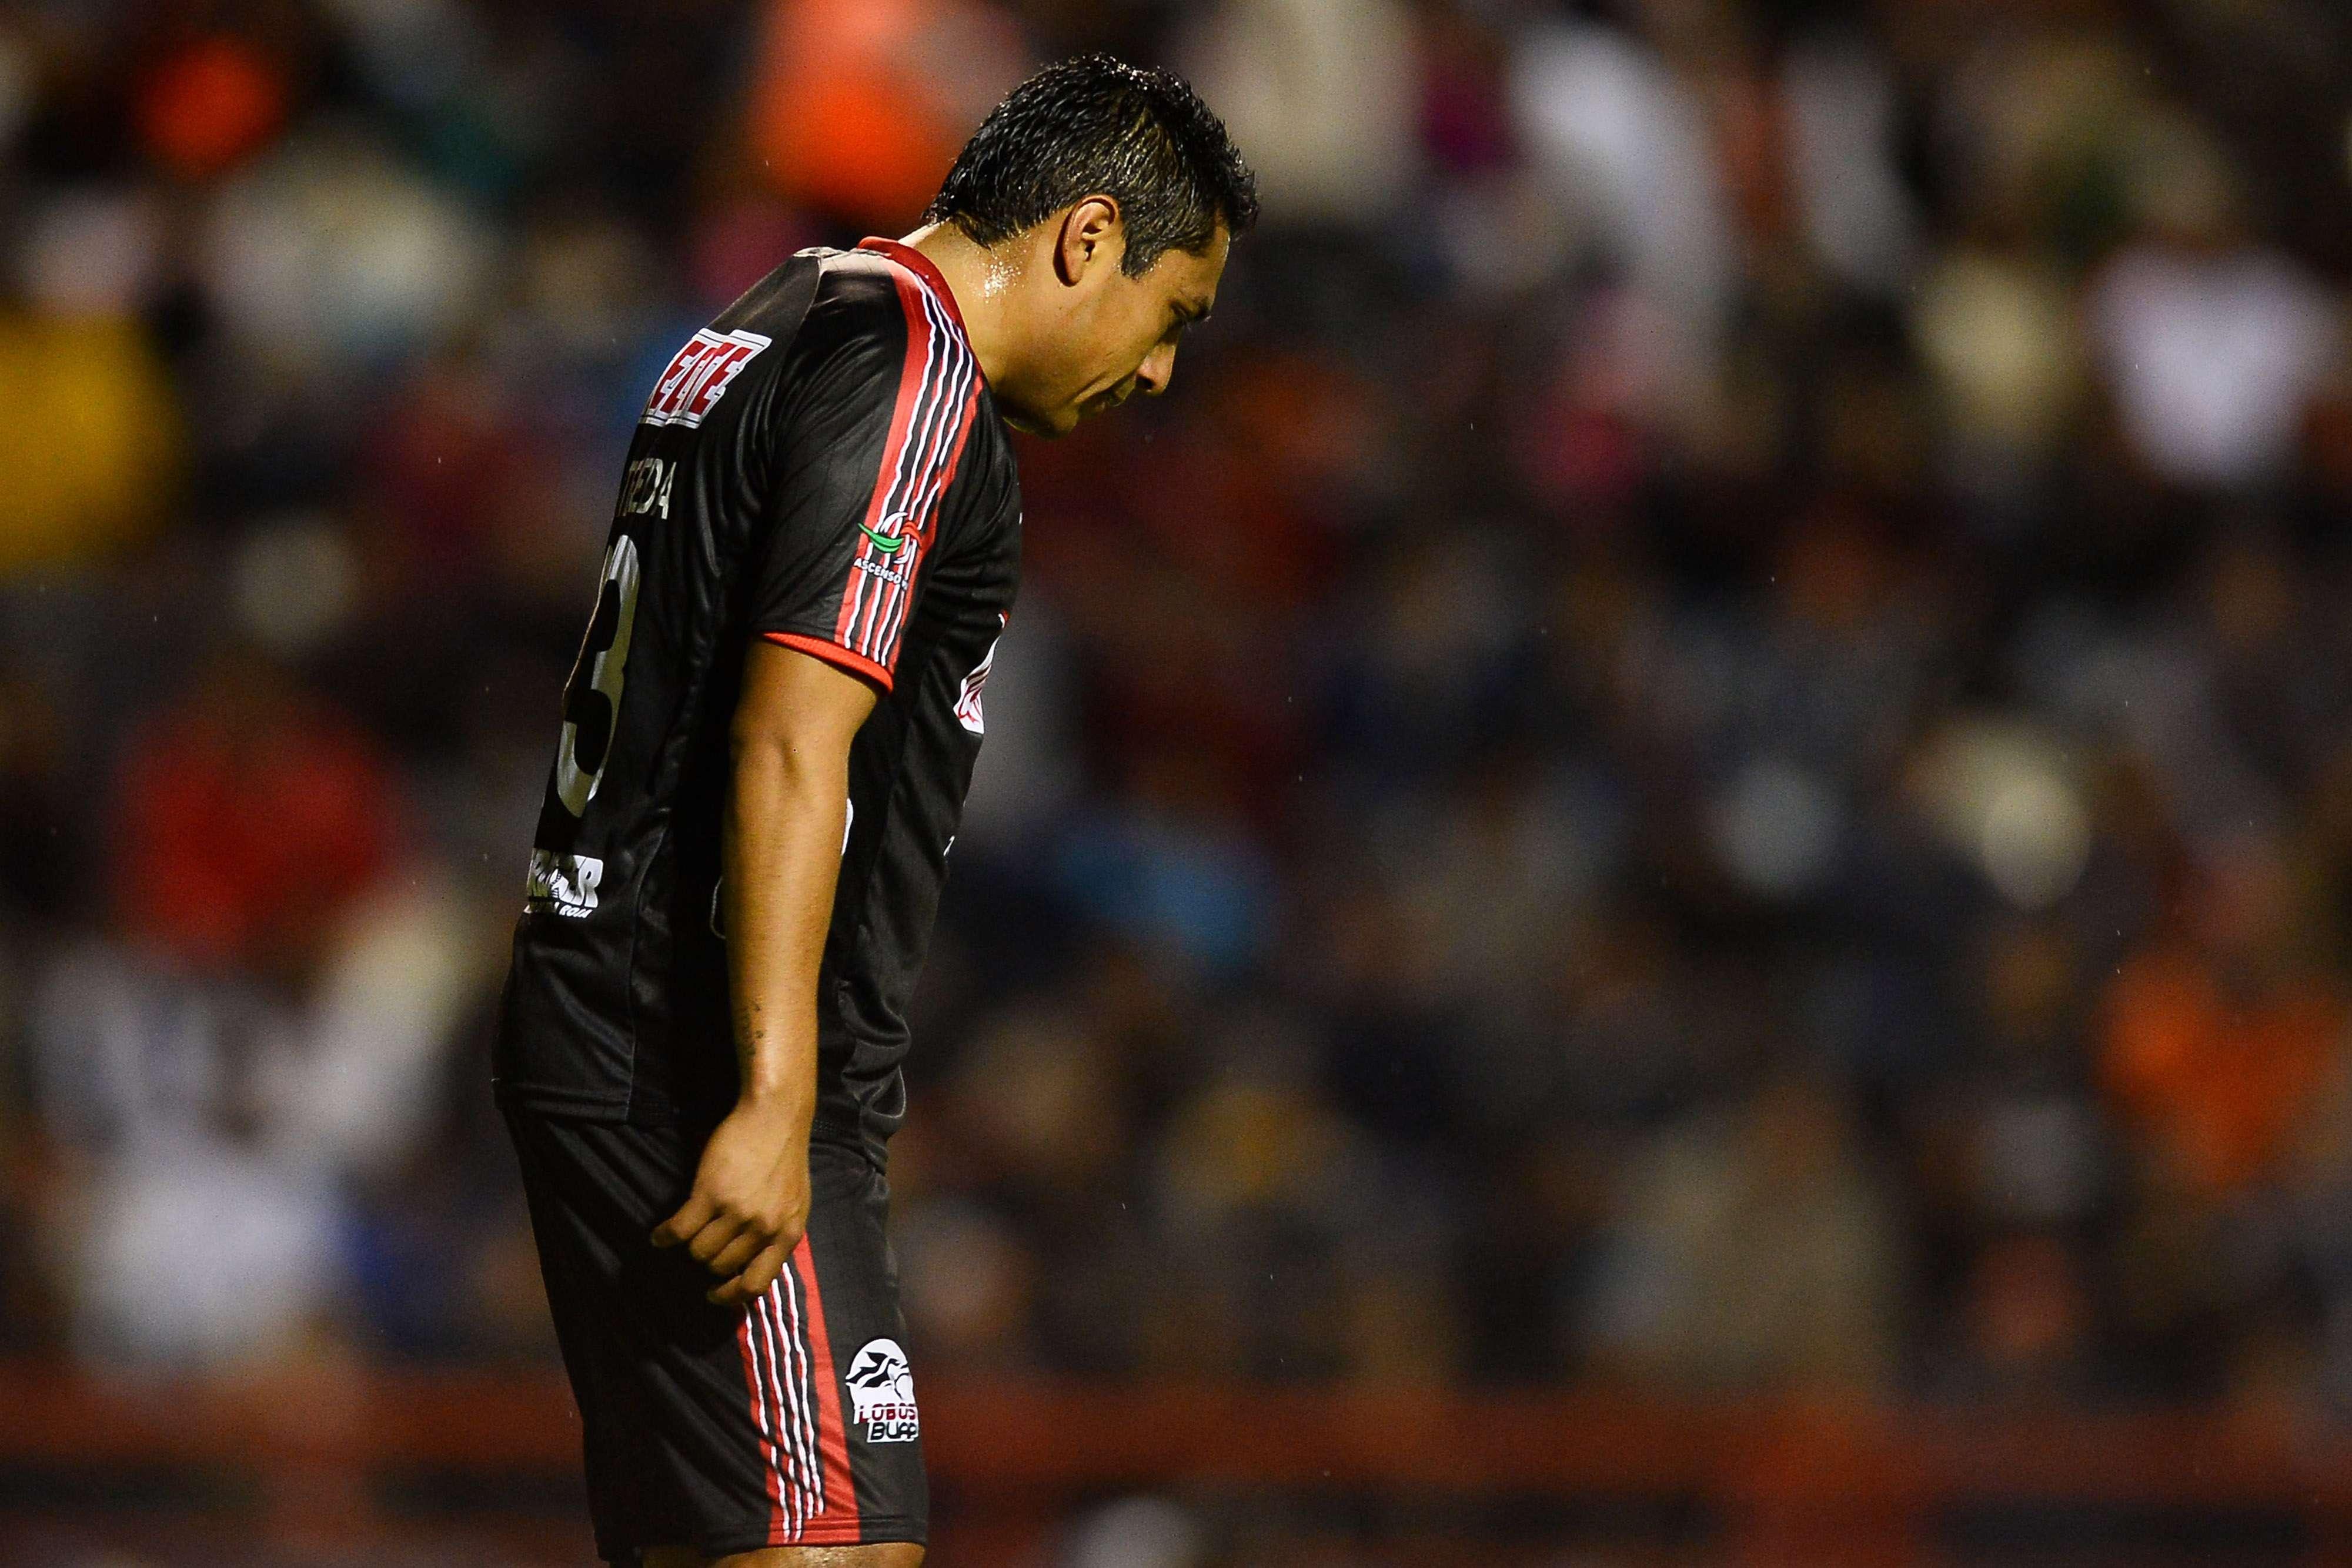 Lobos no pudo imponer su localía. Foto: Mexsport